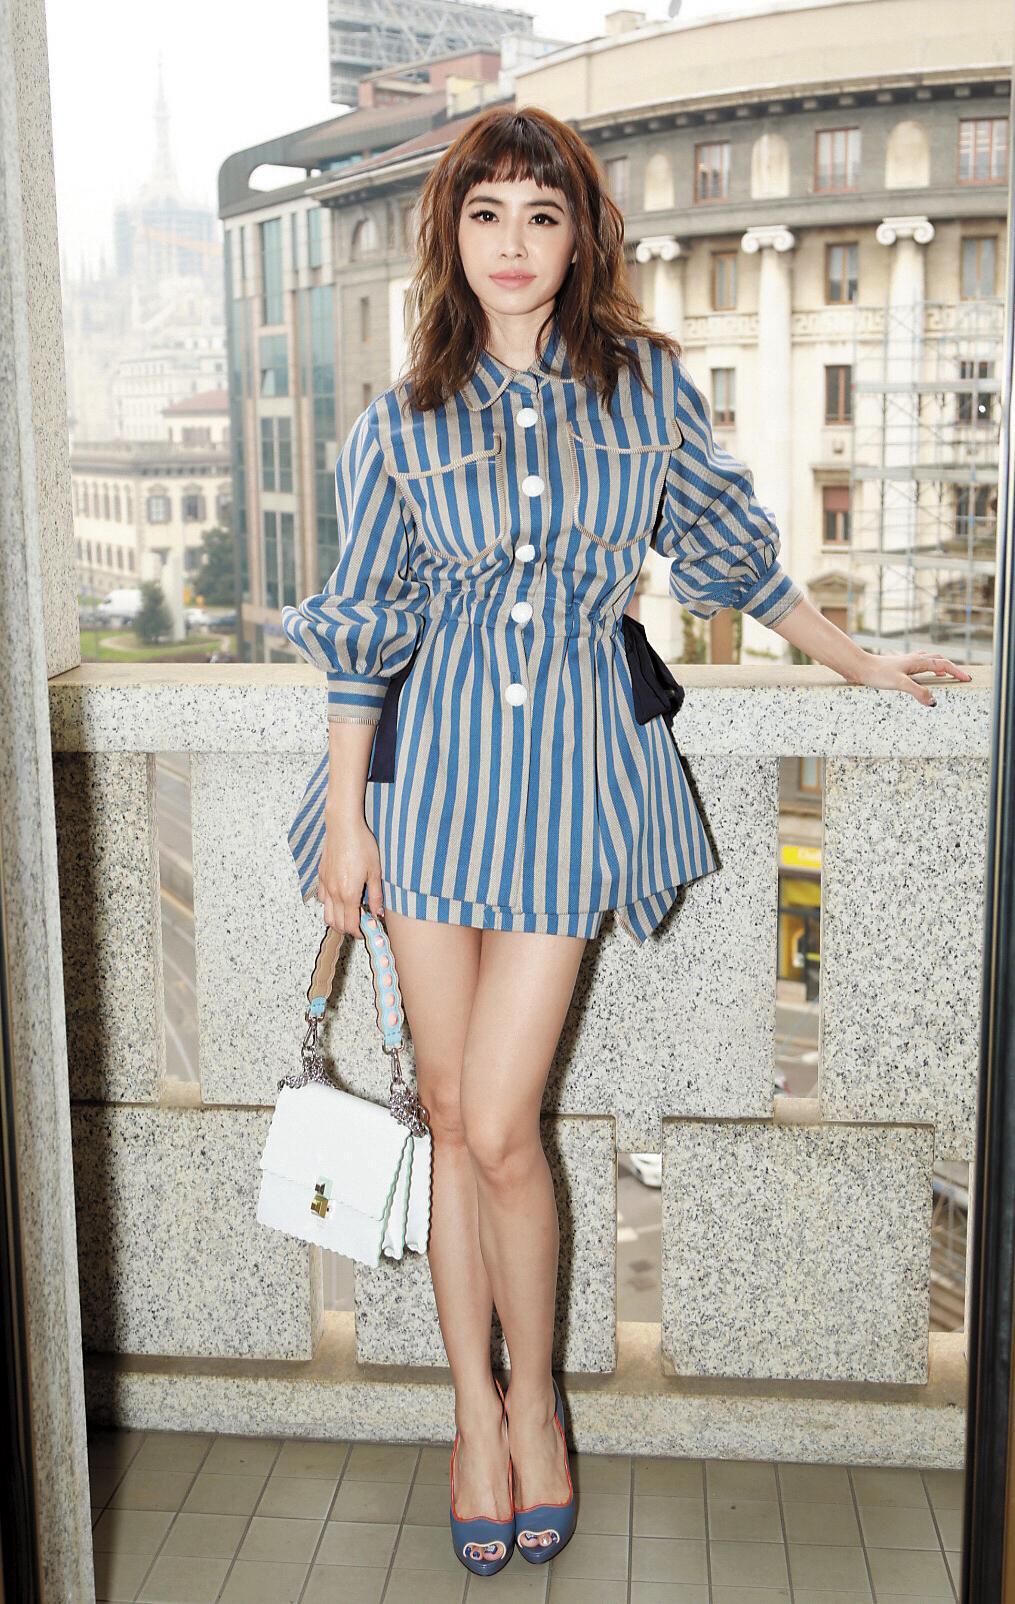 蔡依林之前頻頻飛出台灣看秀,留下不少時尚美照。圖為她參加米蘭時裝週的模樣,一舉手一投足都成為外界話題。(東方IC)